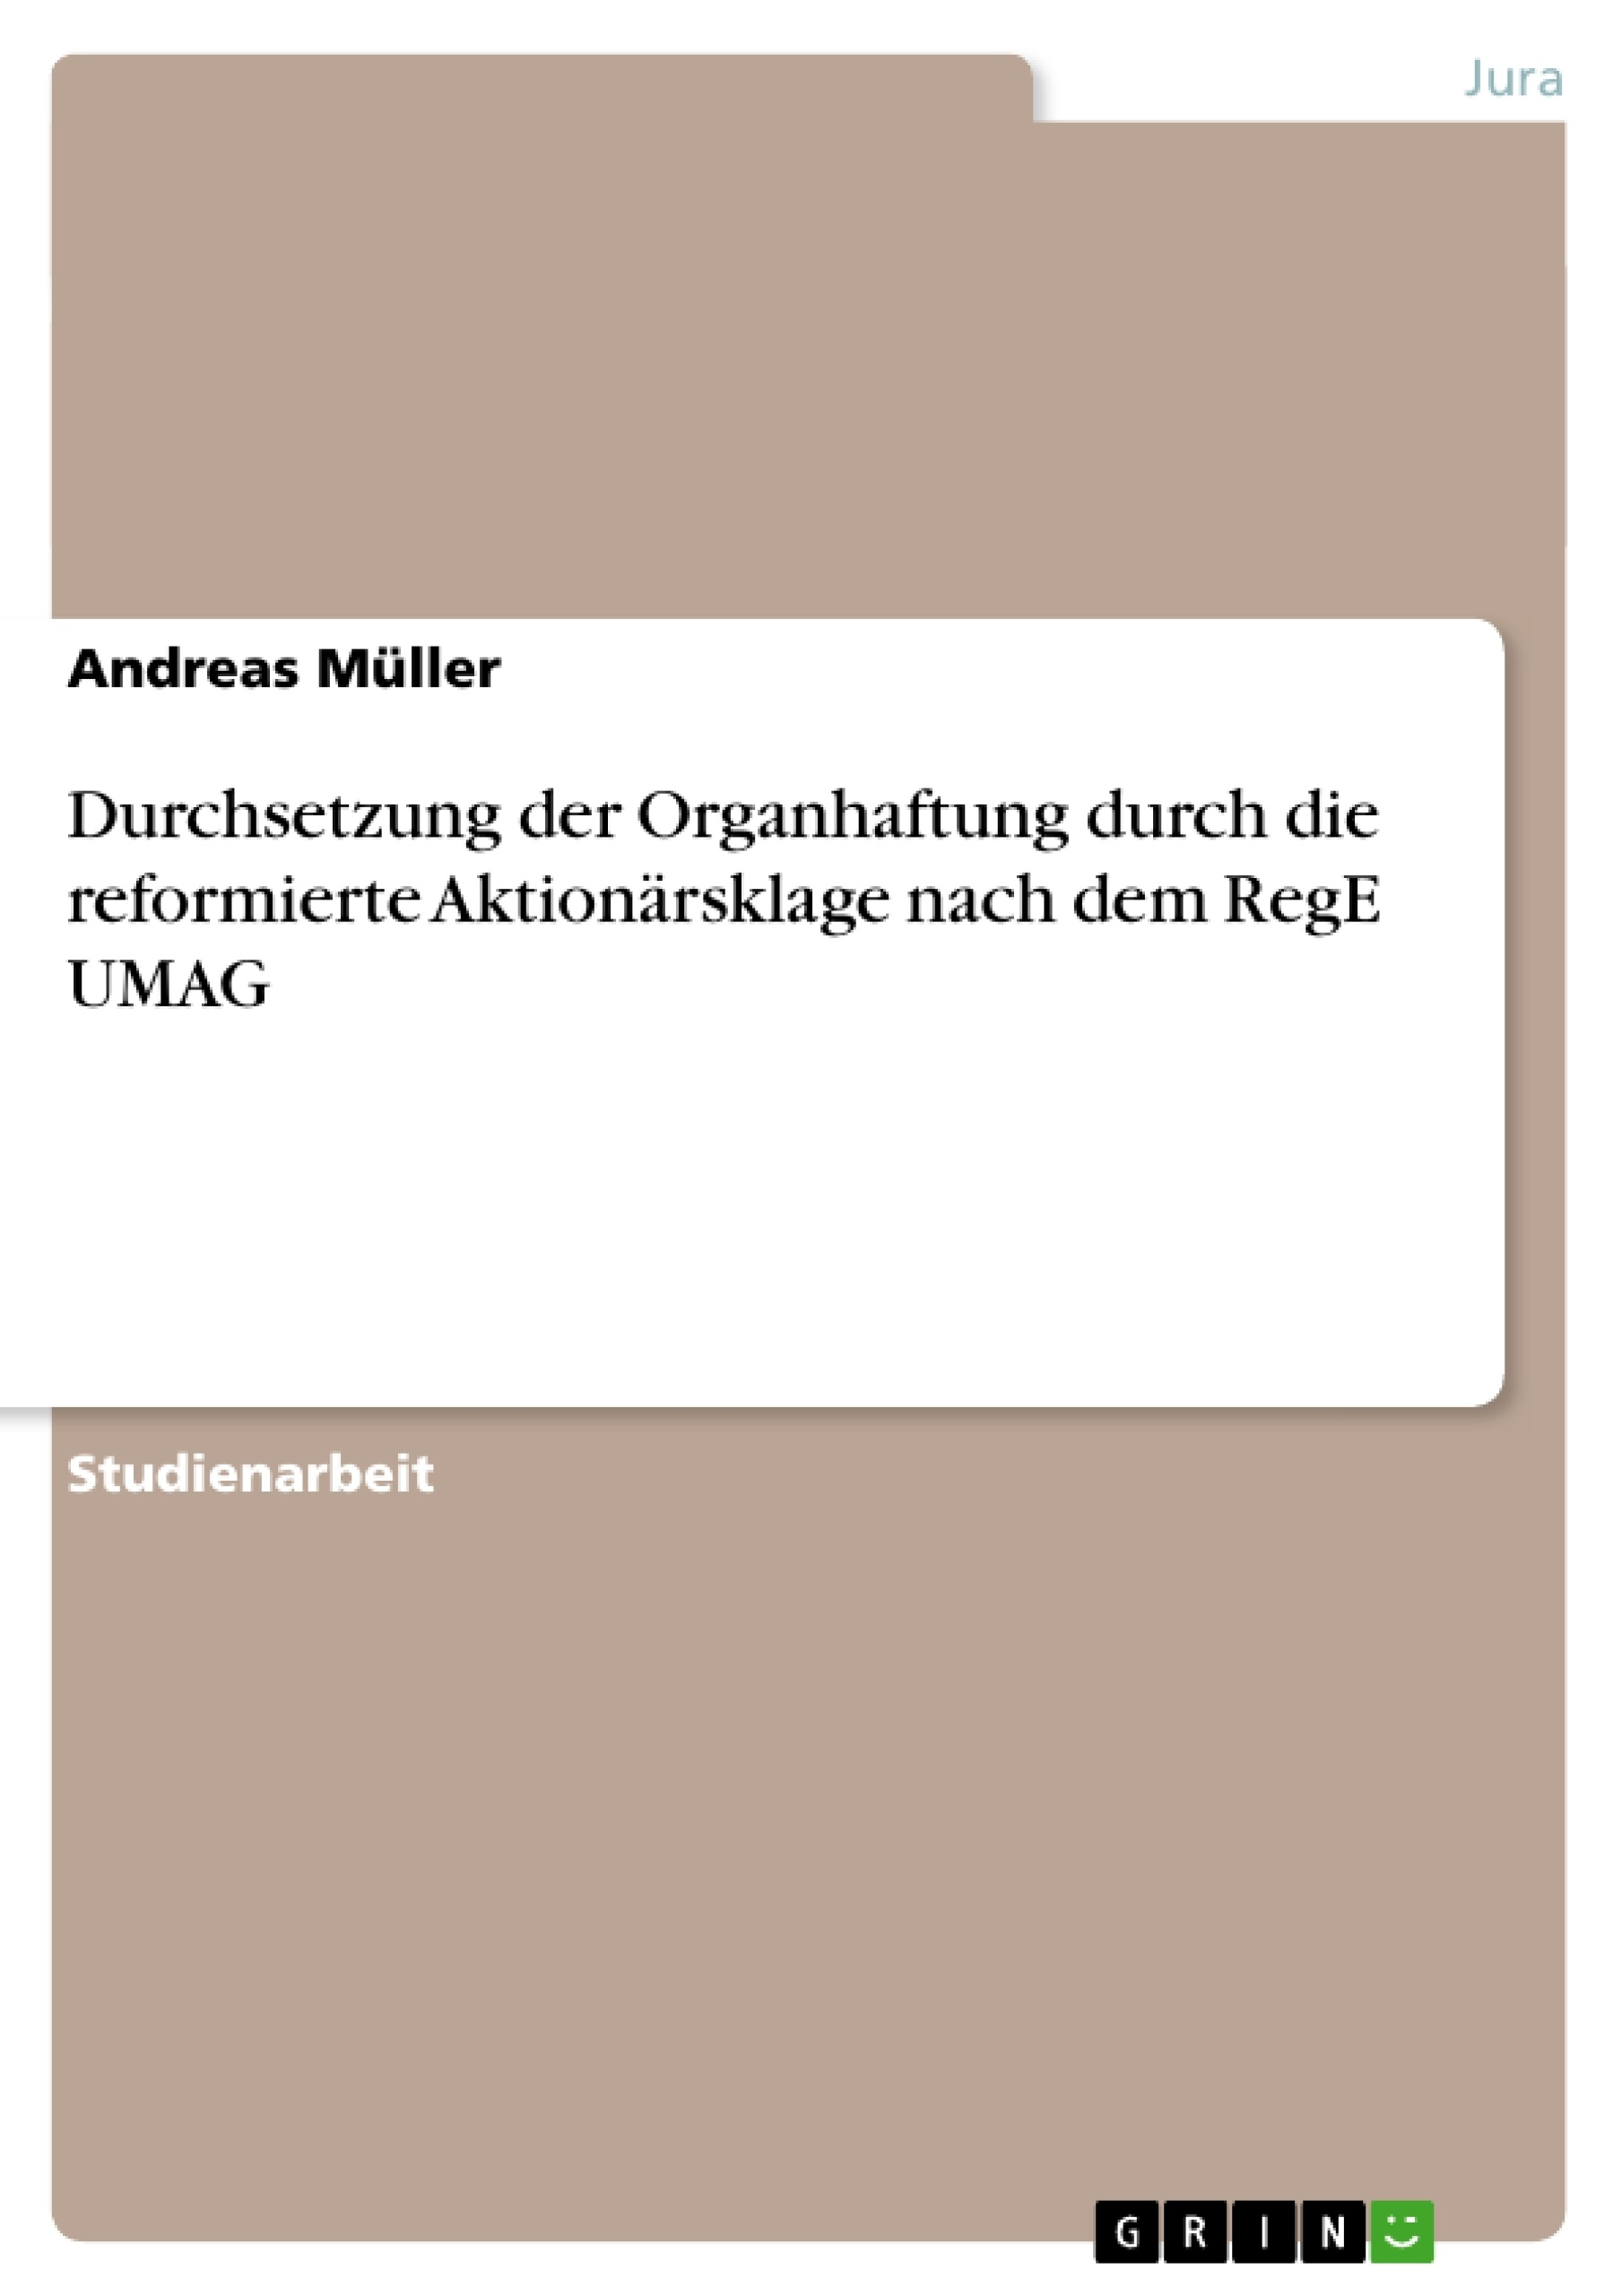 Titel: Durchsetzung der Organhaftung durch die reformierte Aktionärsklage nach dem RegE UMAG